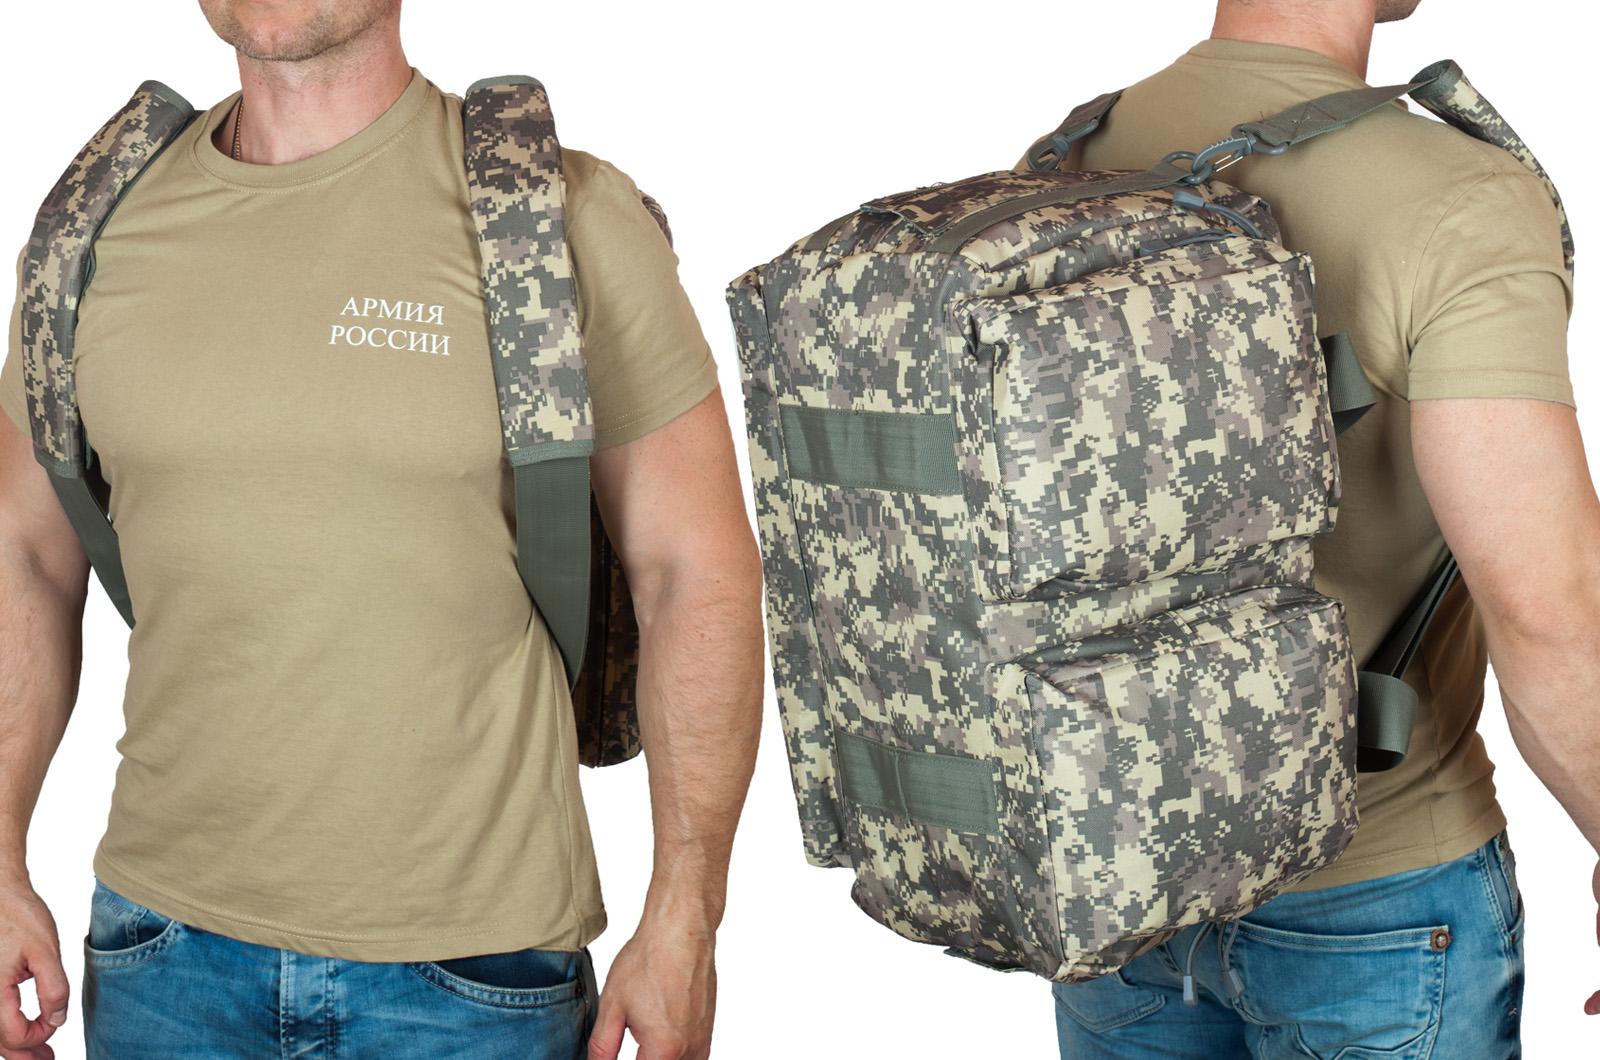 Походная камуфляжная сумка-рюкзак Ни пуха, Ни пера - купит в розницу